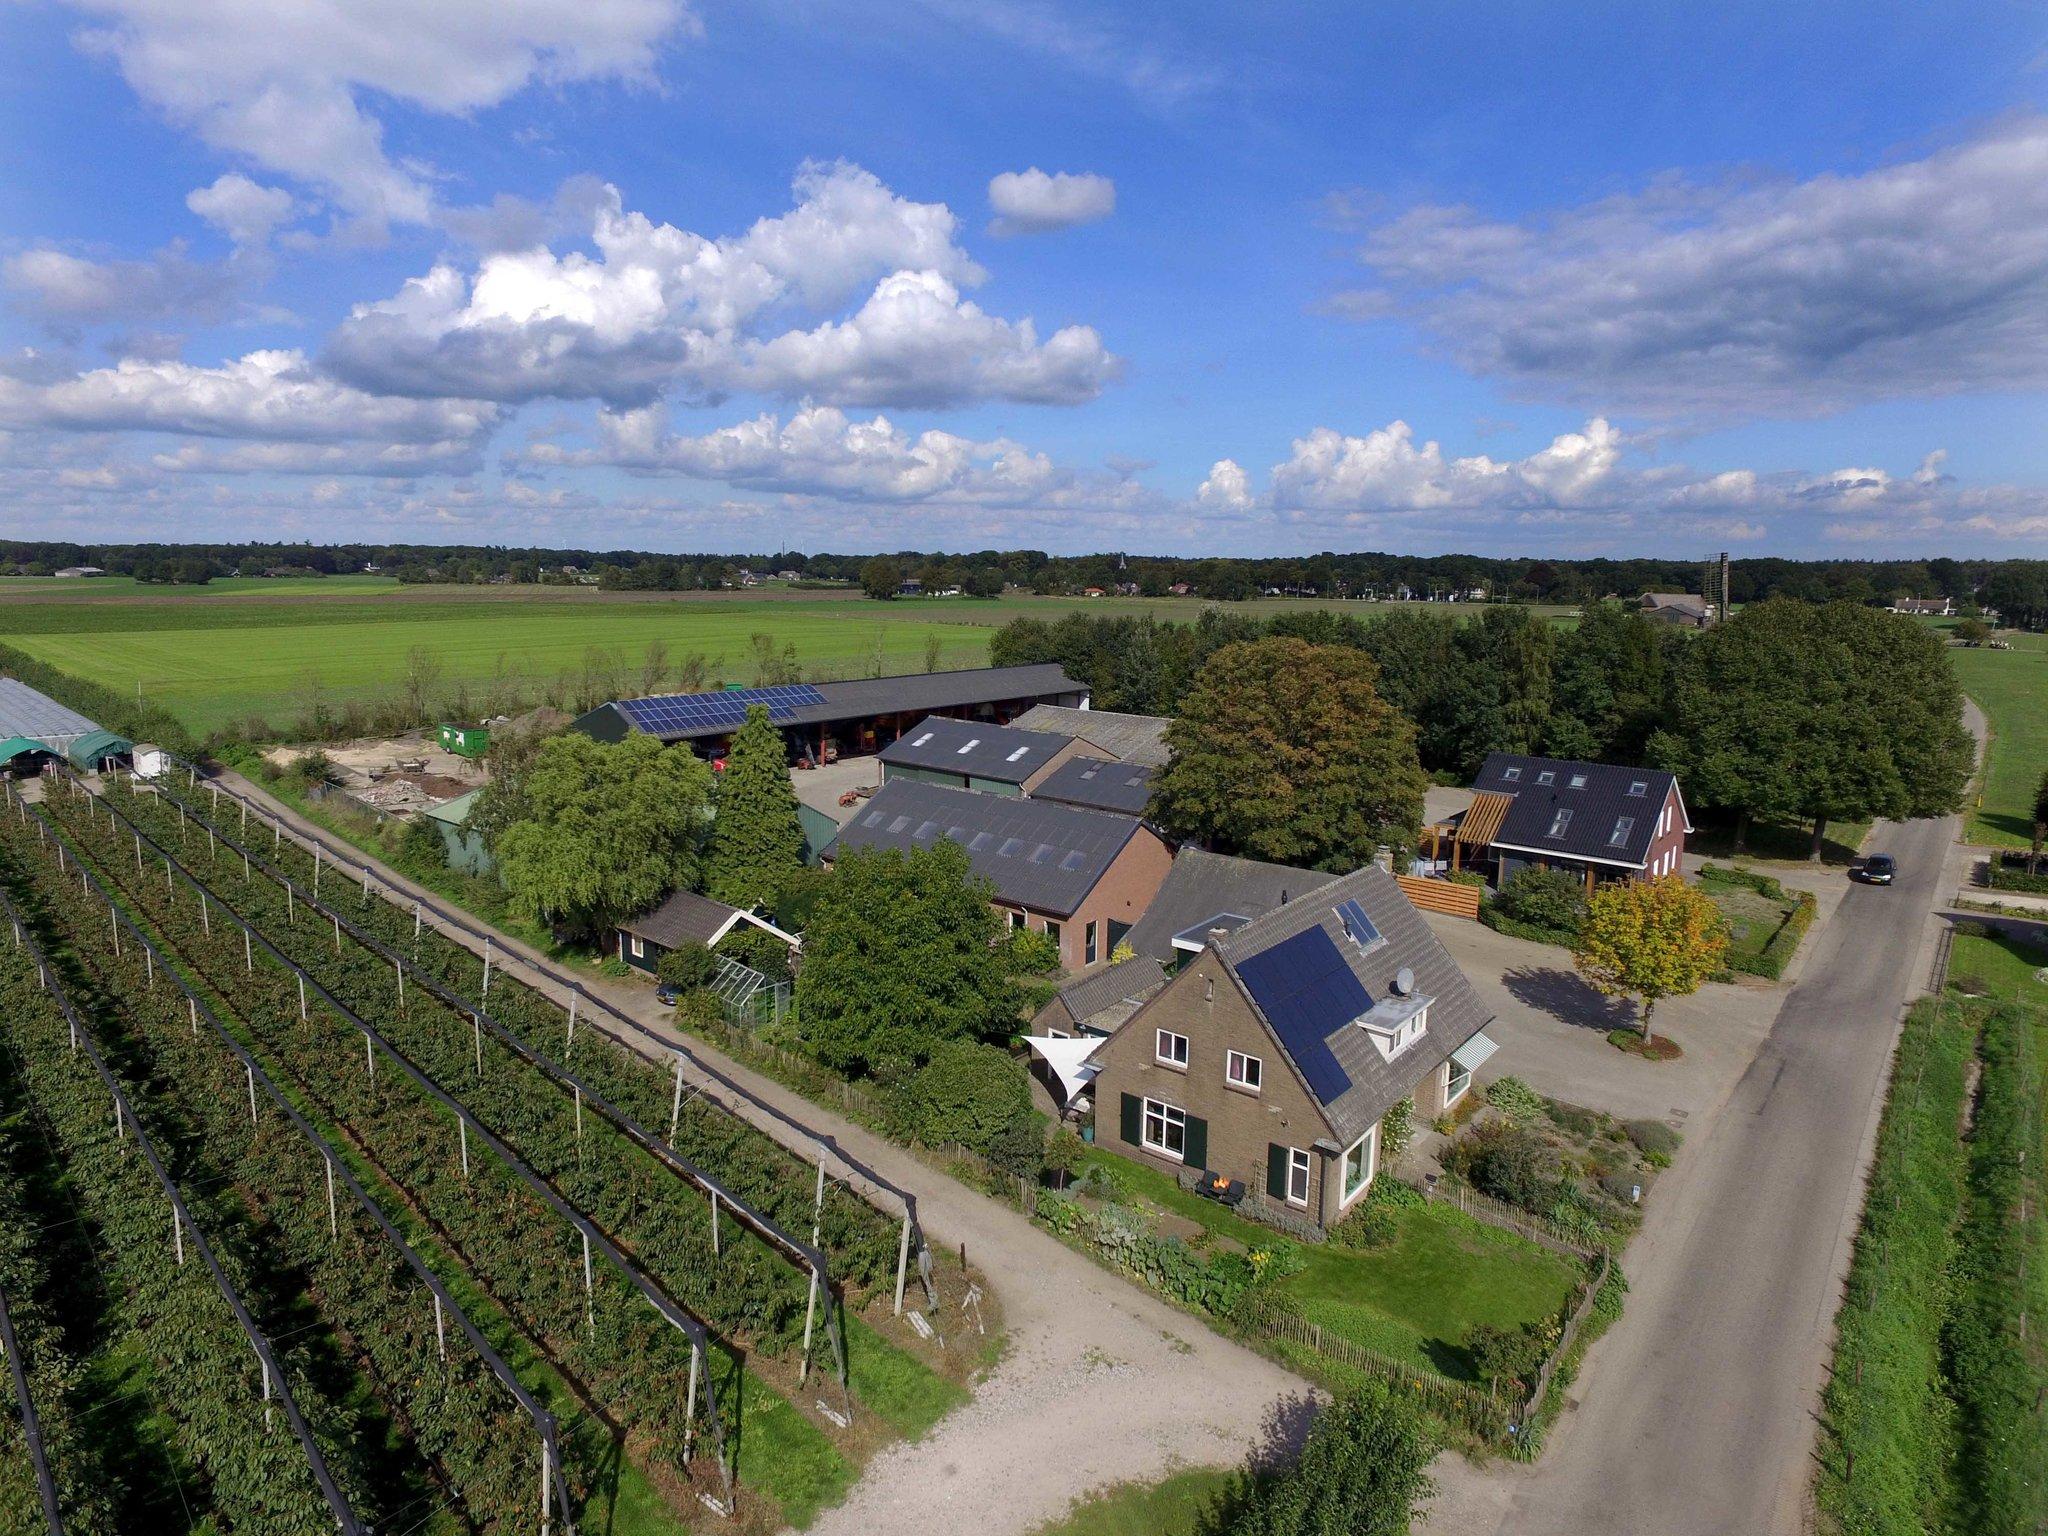 gorssel-gorsselse-enkweg-4154865-foto-50.jpg